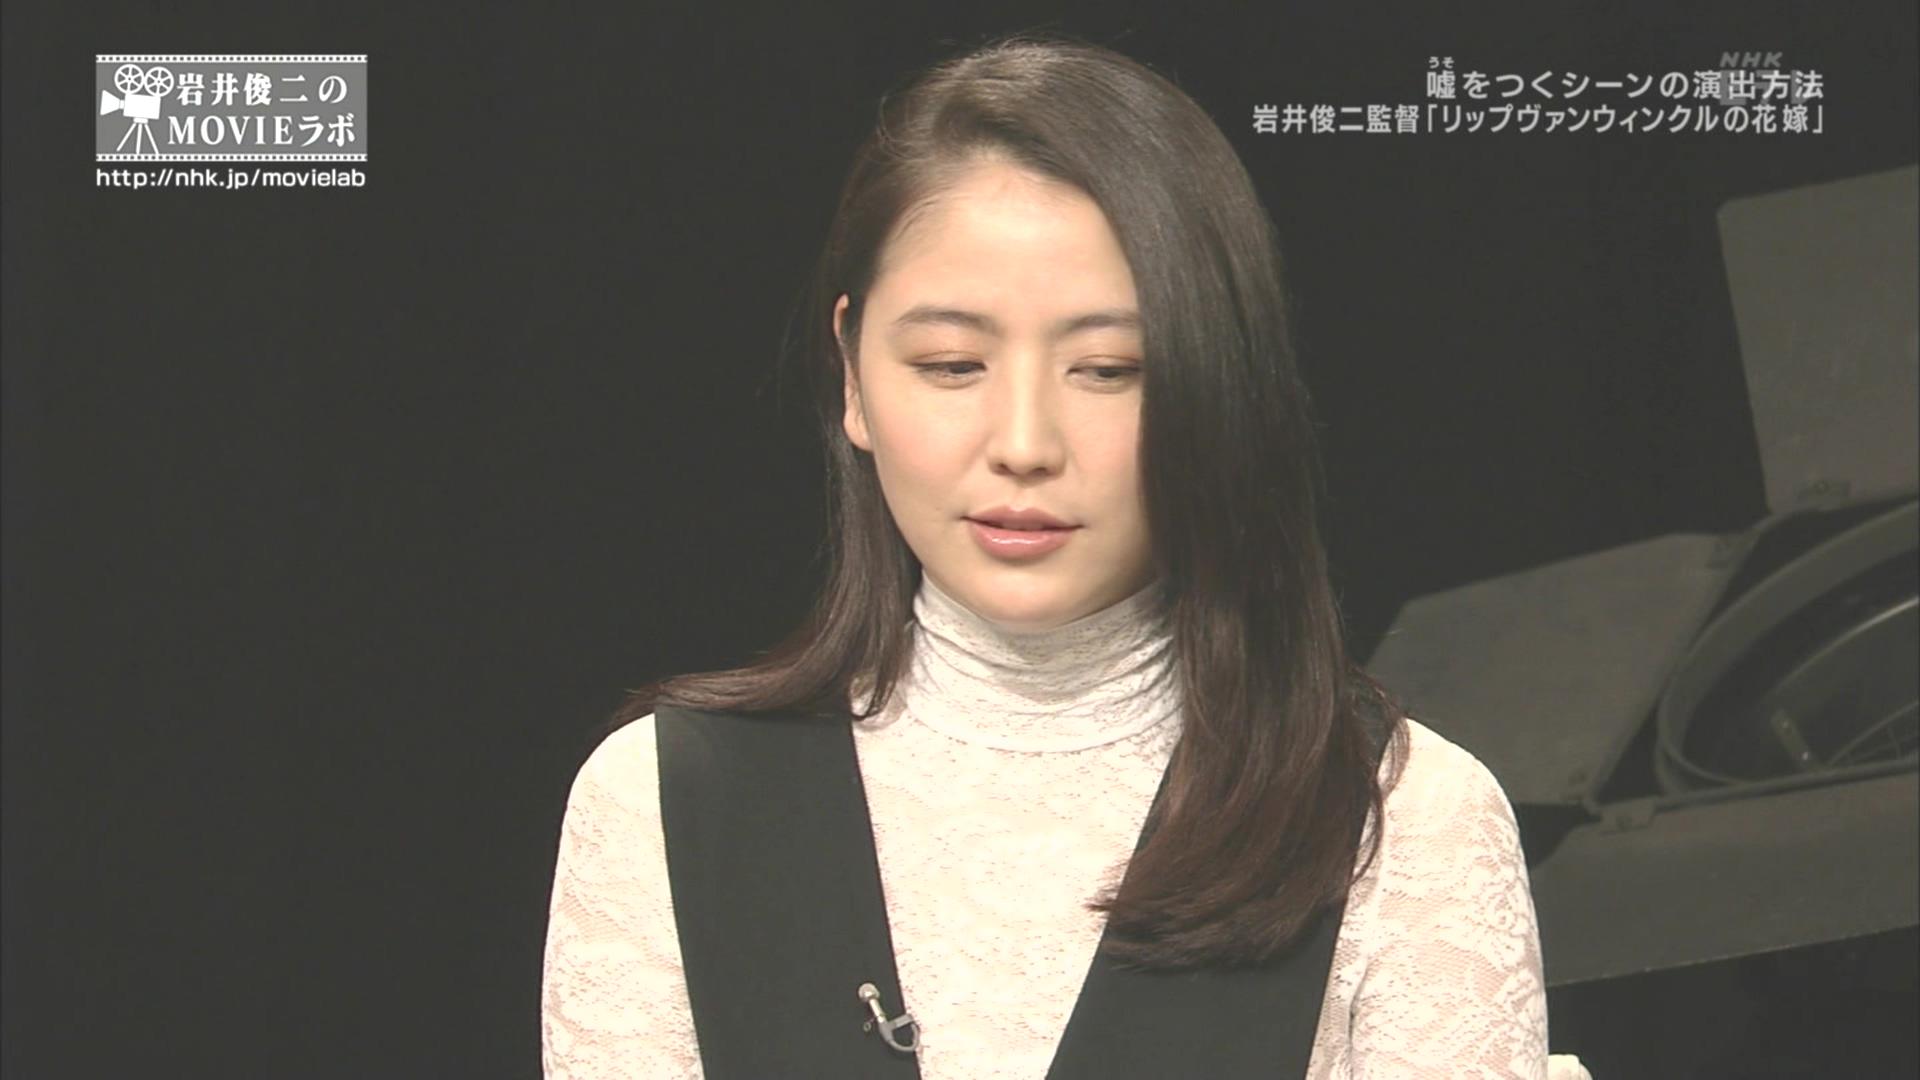 nagasawamovie411